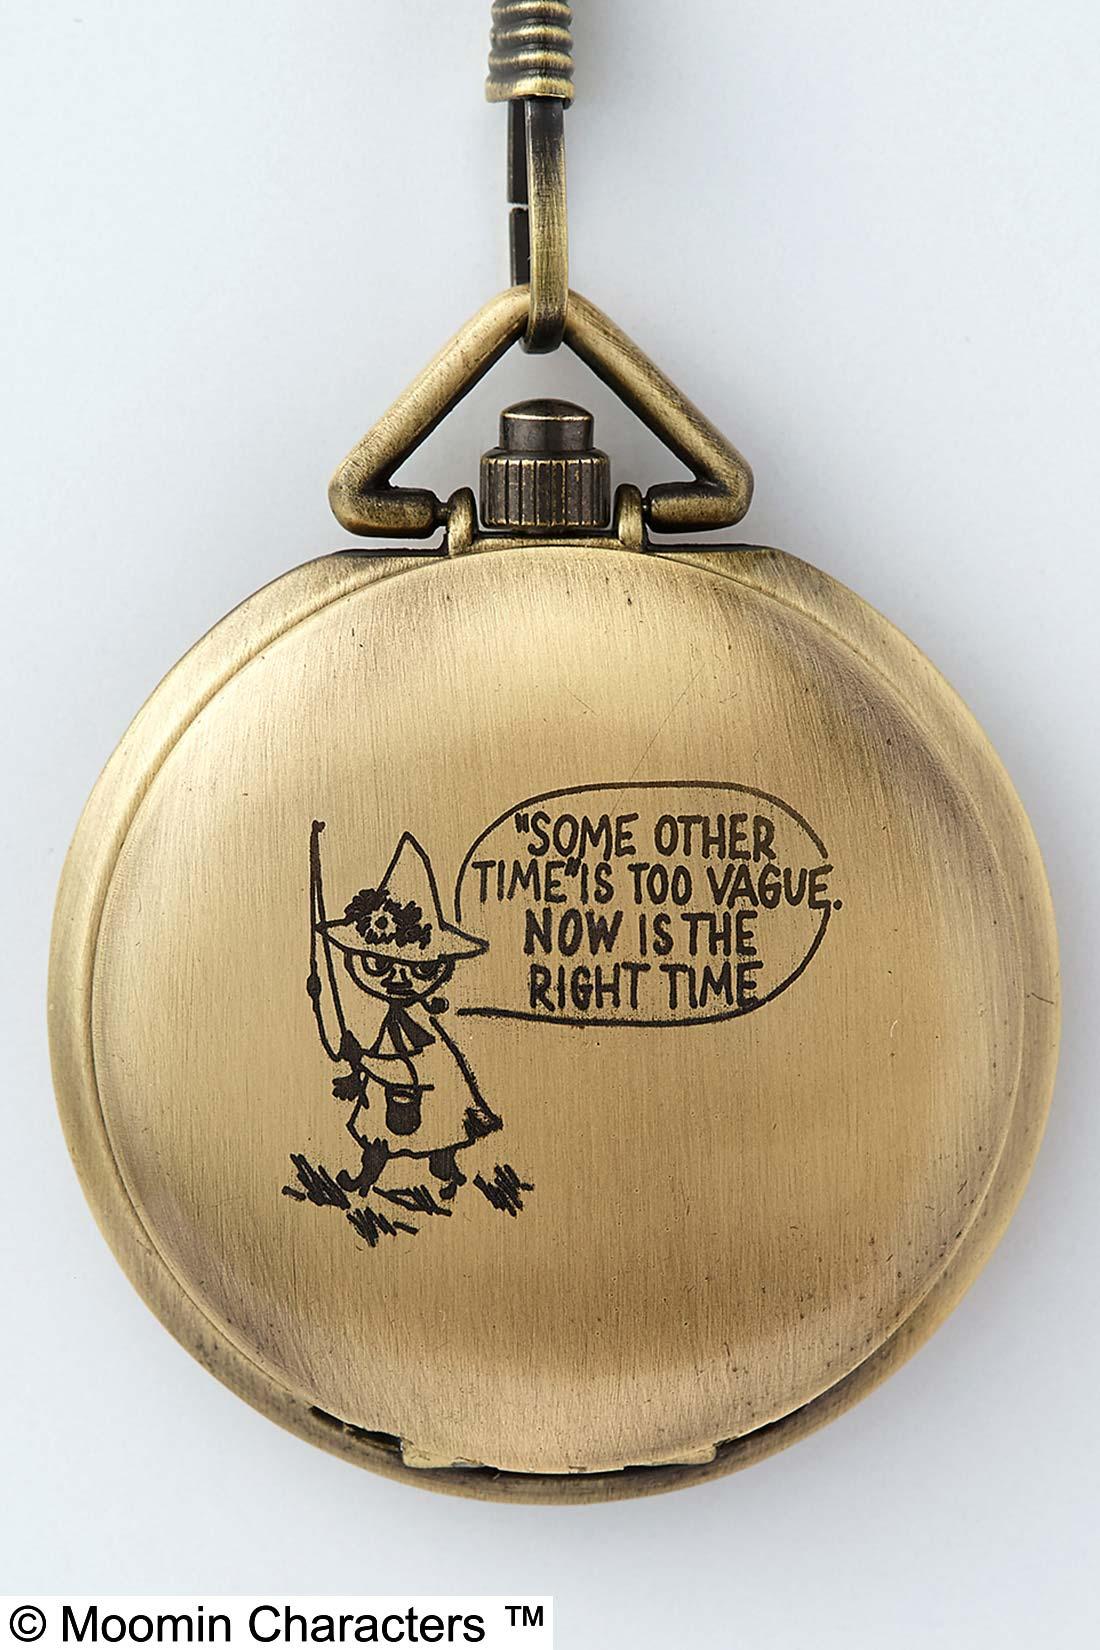 時計を閉じると、スナフキンの「いつかじゃなく今がそのとき」というセリフが。